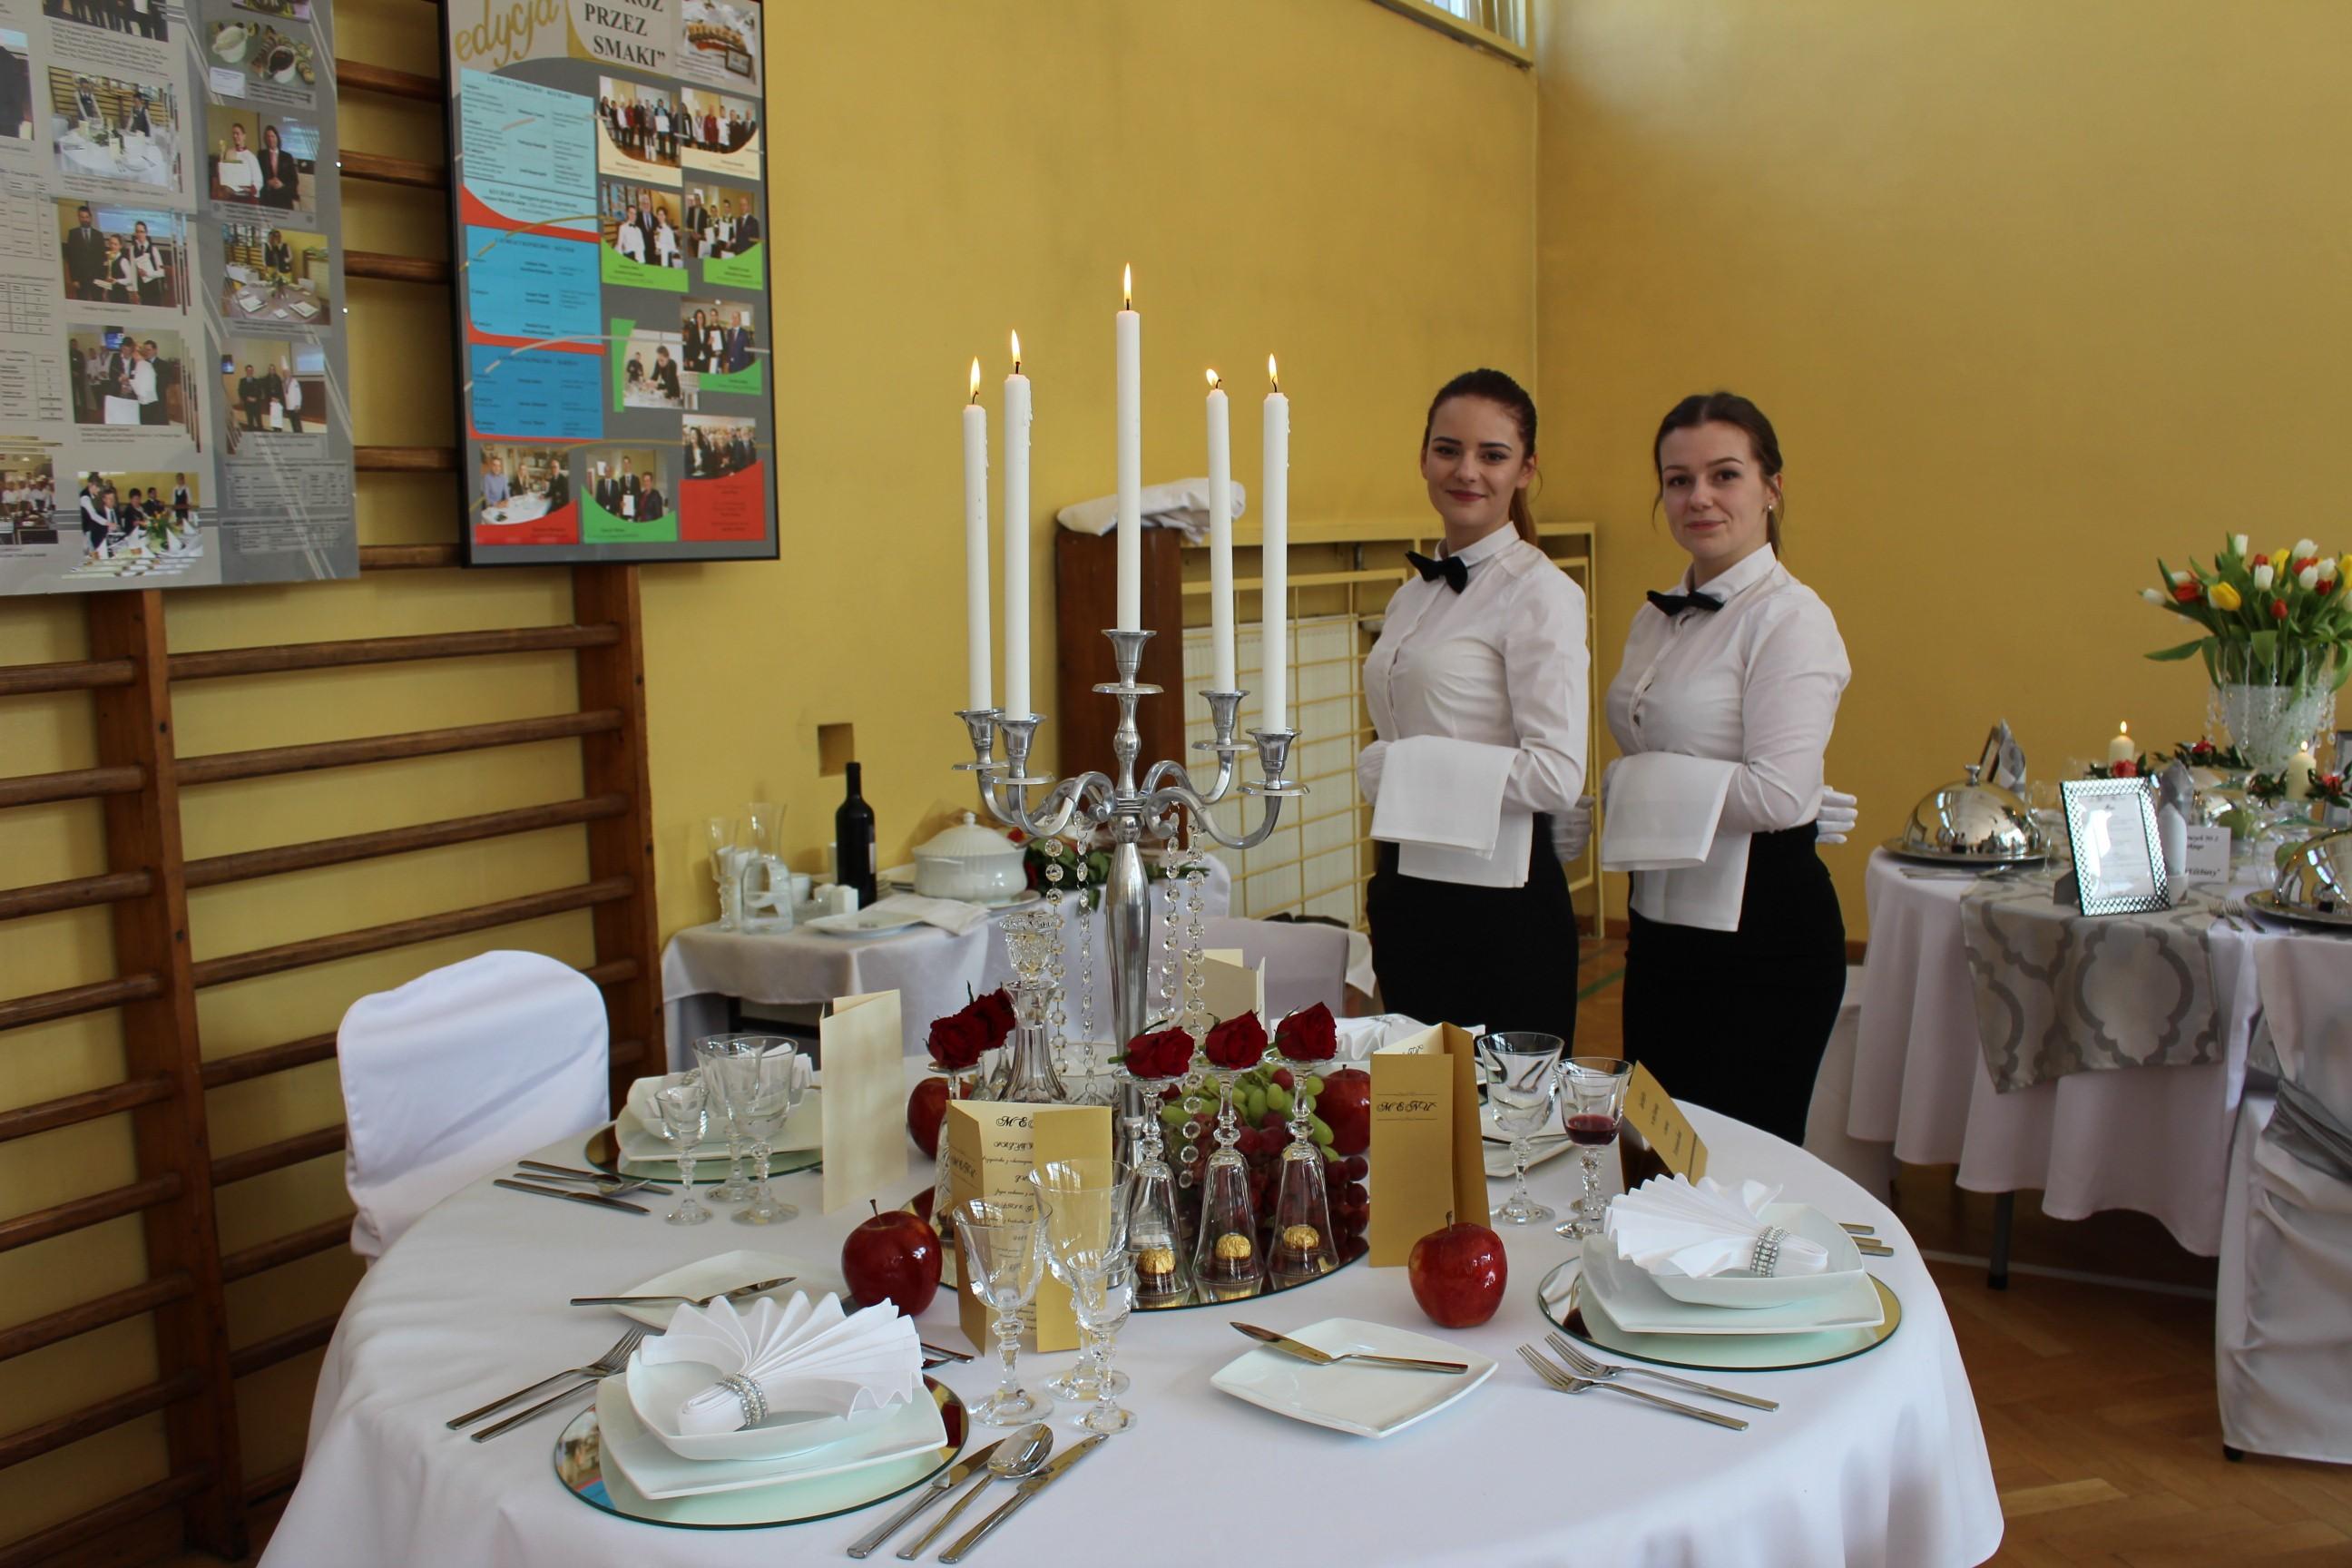 Uczestniczki konkursu przy stole